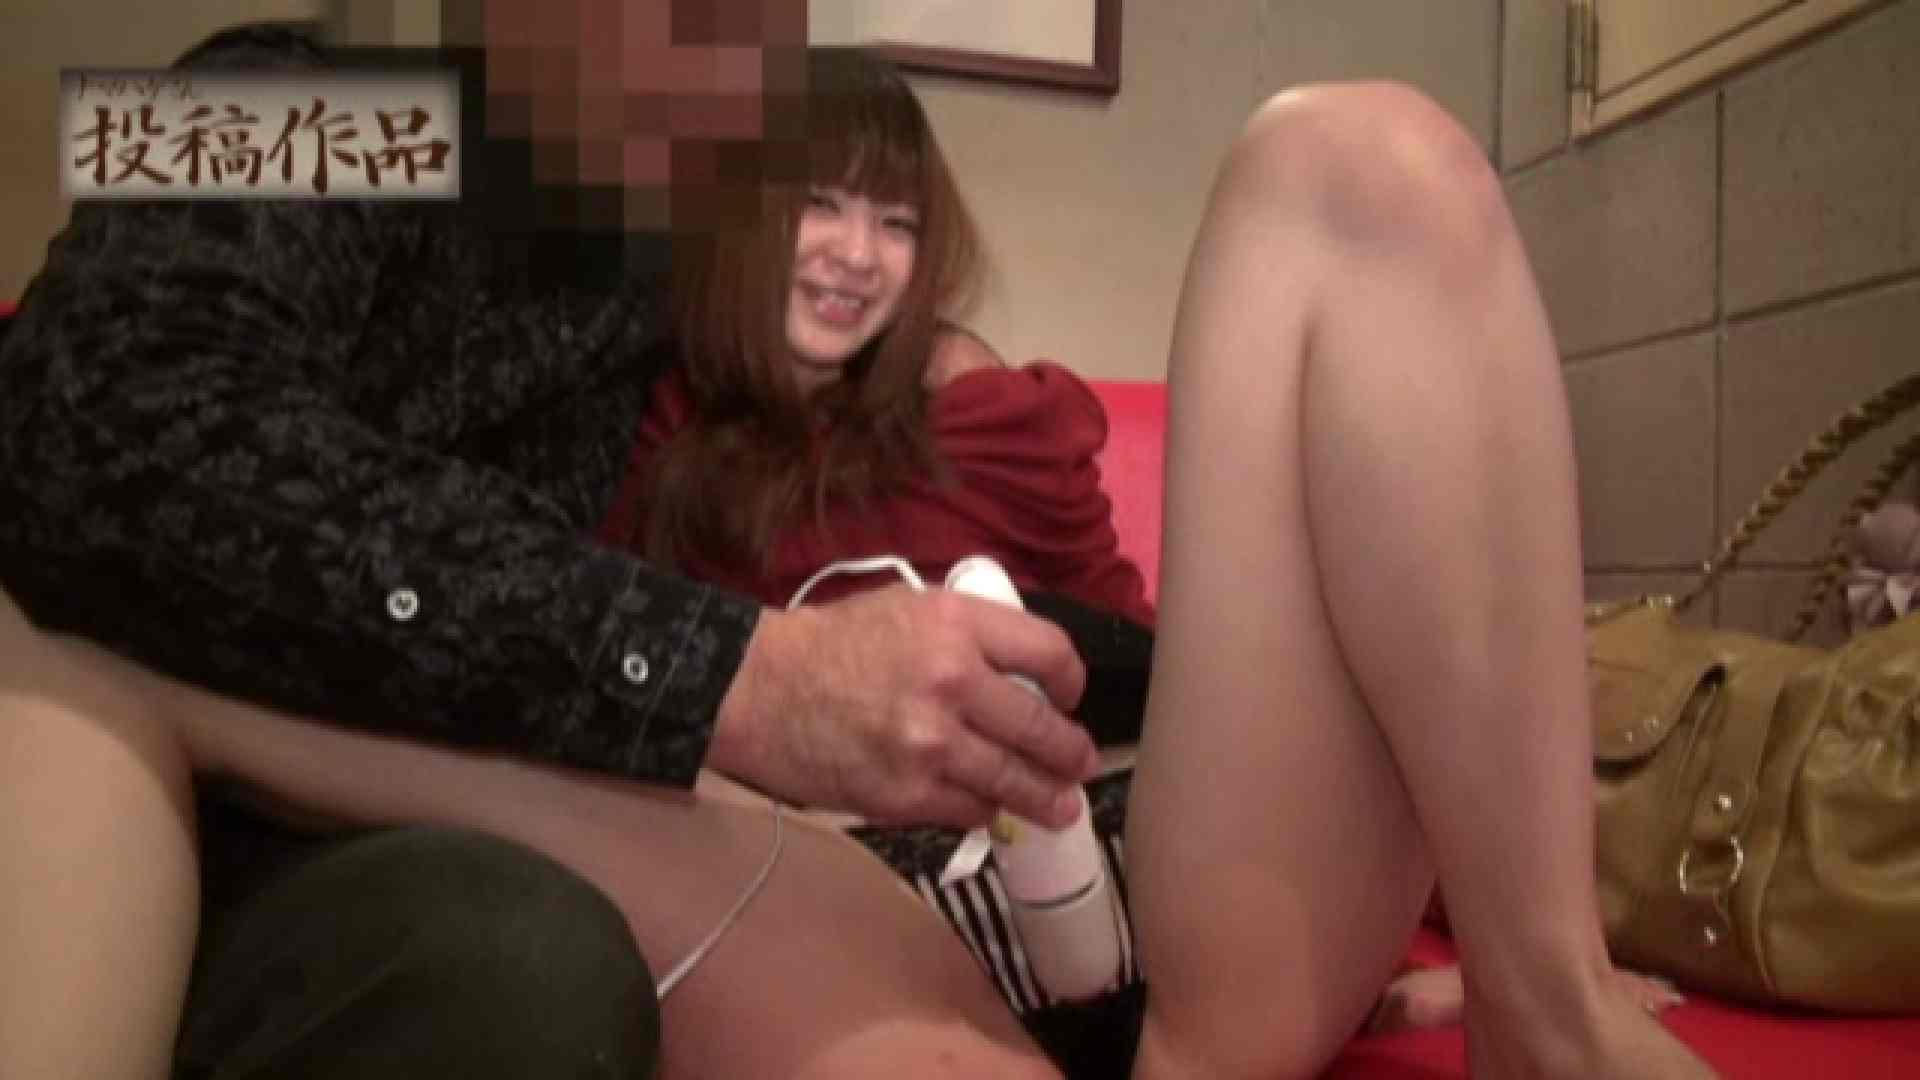 ナマハゲさんのまんこコレクション第二章 hinata 01 無修正マンコ   0  24連発 3